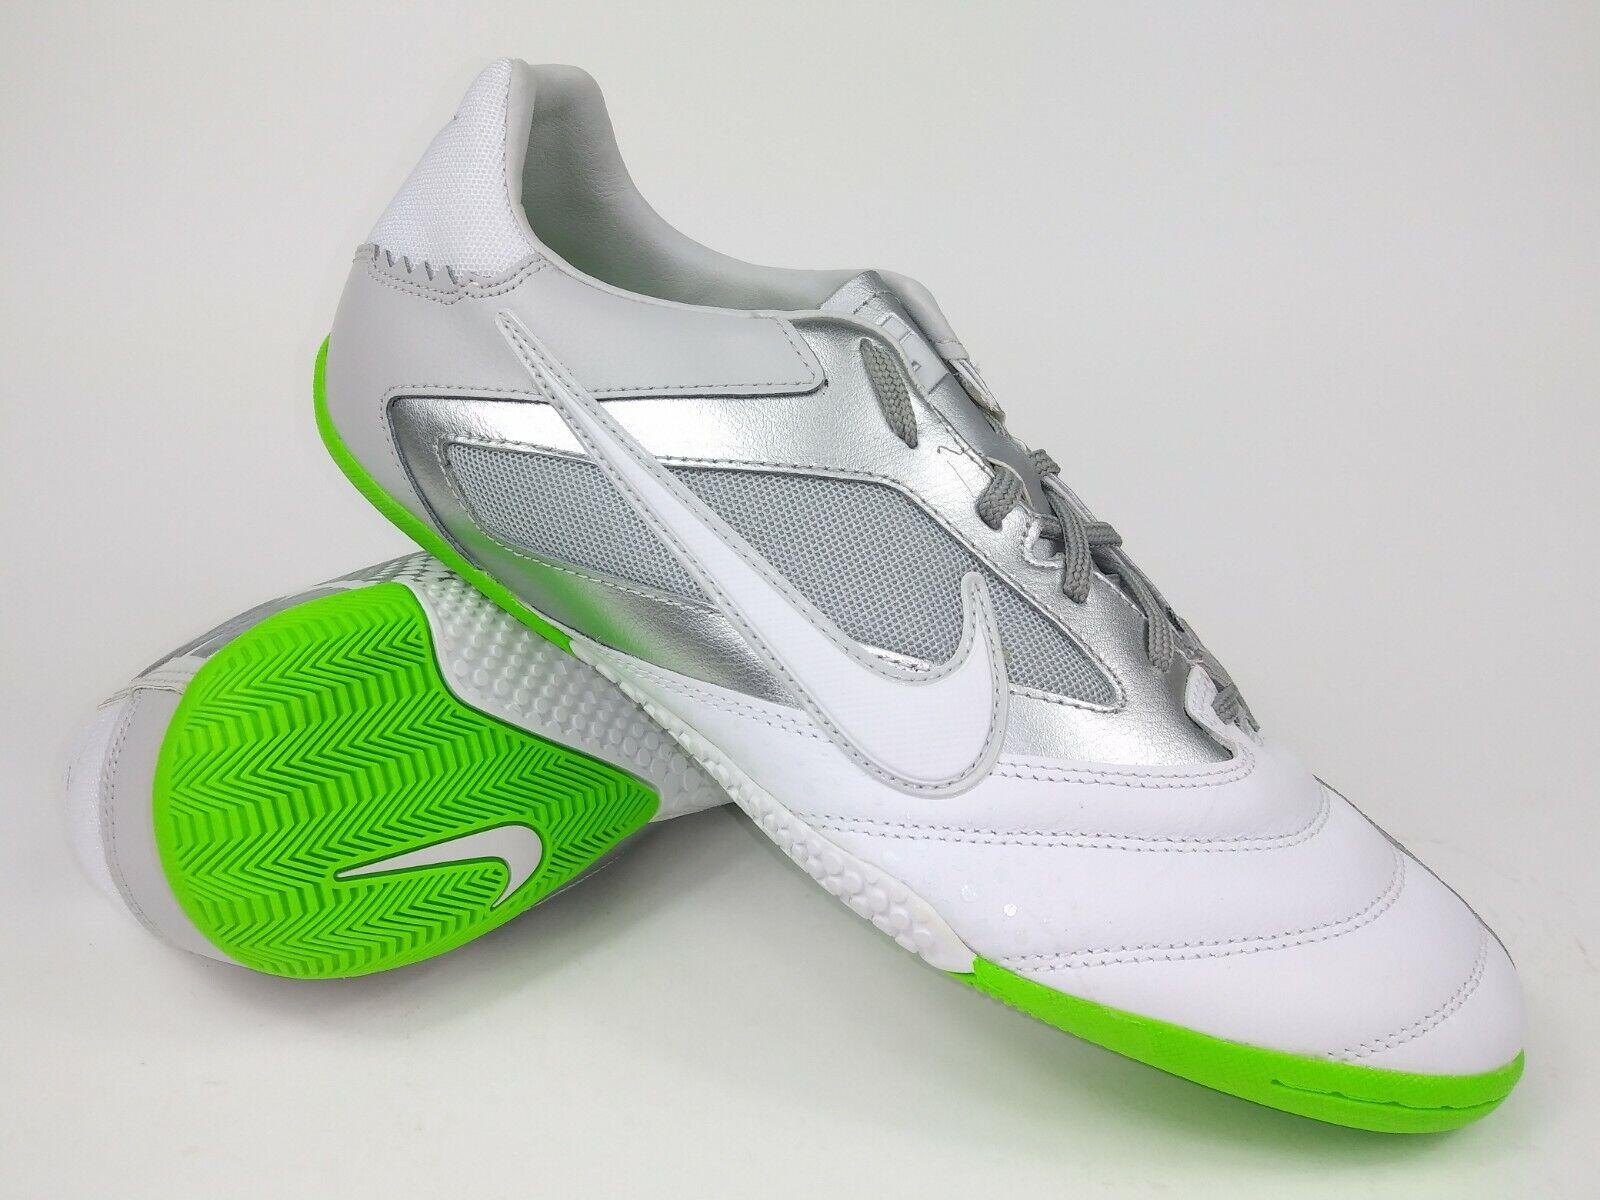 Nike Hombre Raro Nike5 Elástico pro 415121-110 blancoo Plata Interior Zapatos